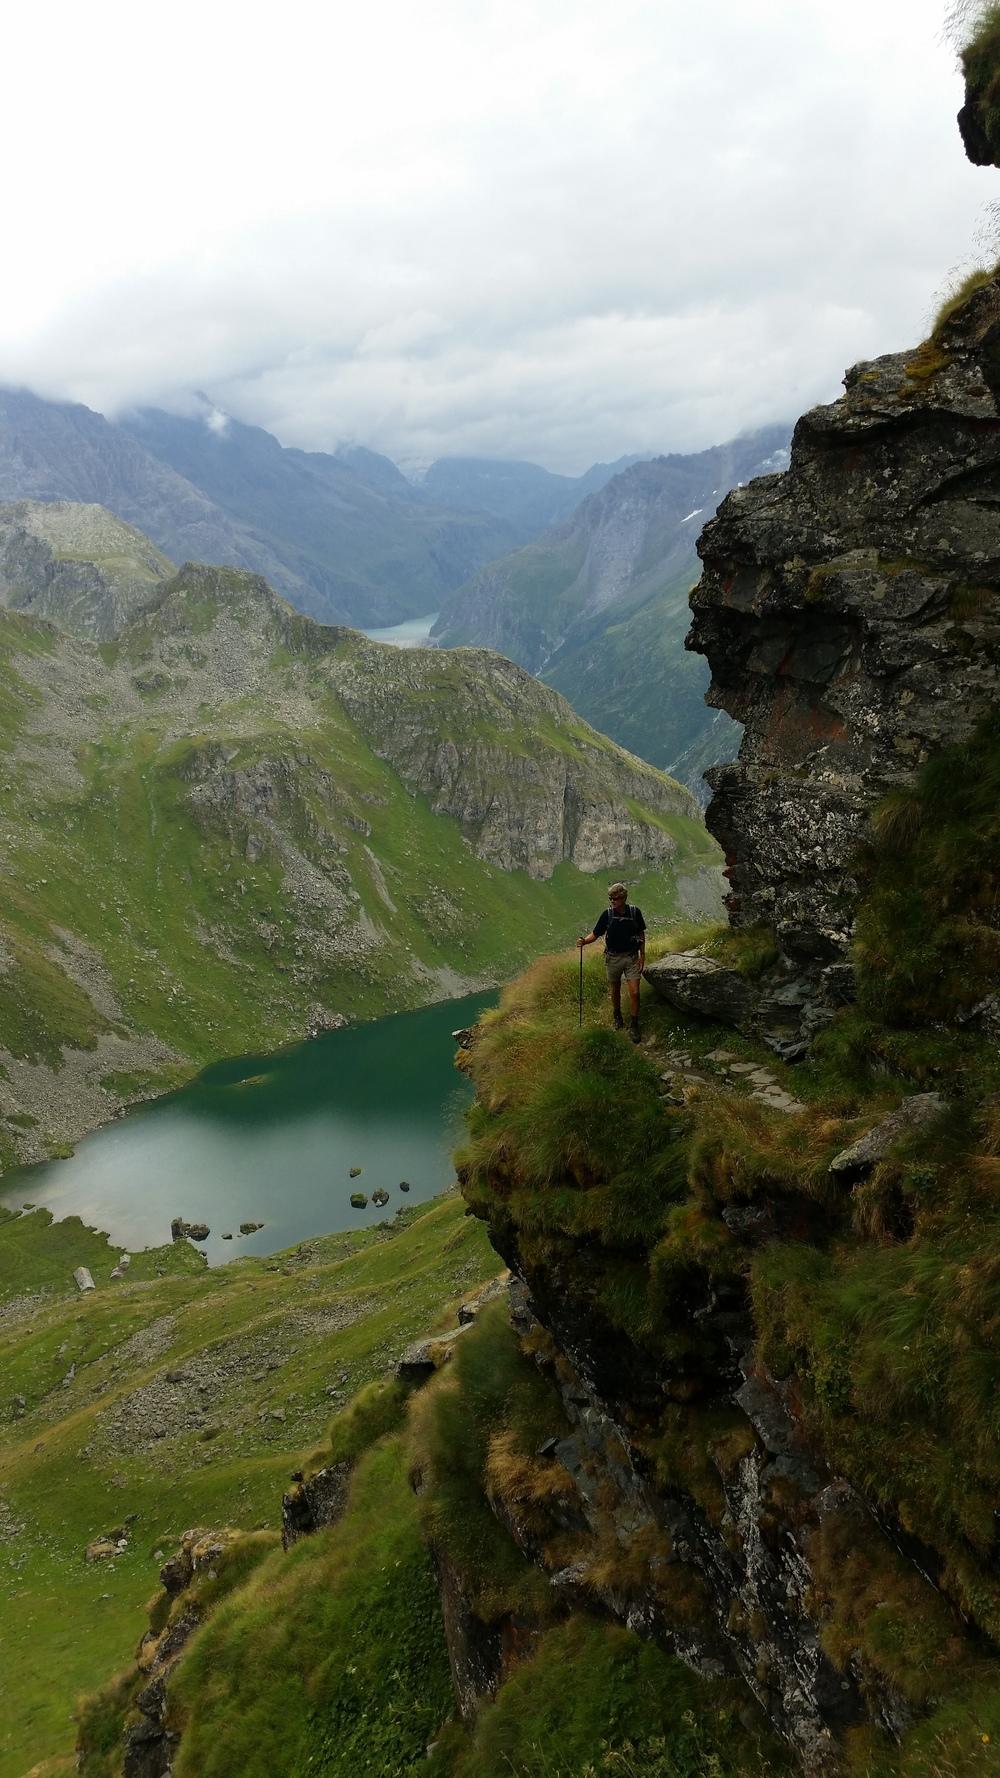 Maxine in Zwitserland 2 - Getoutoftown.jpg